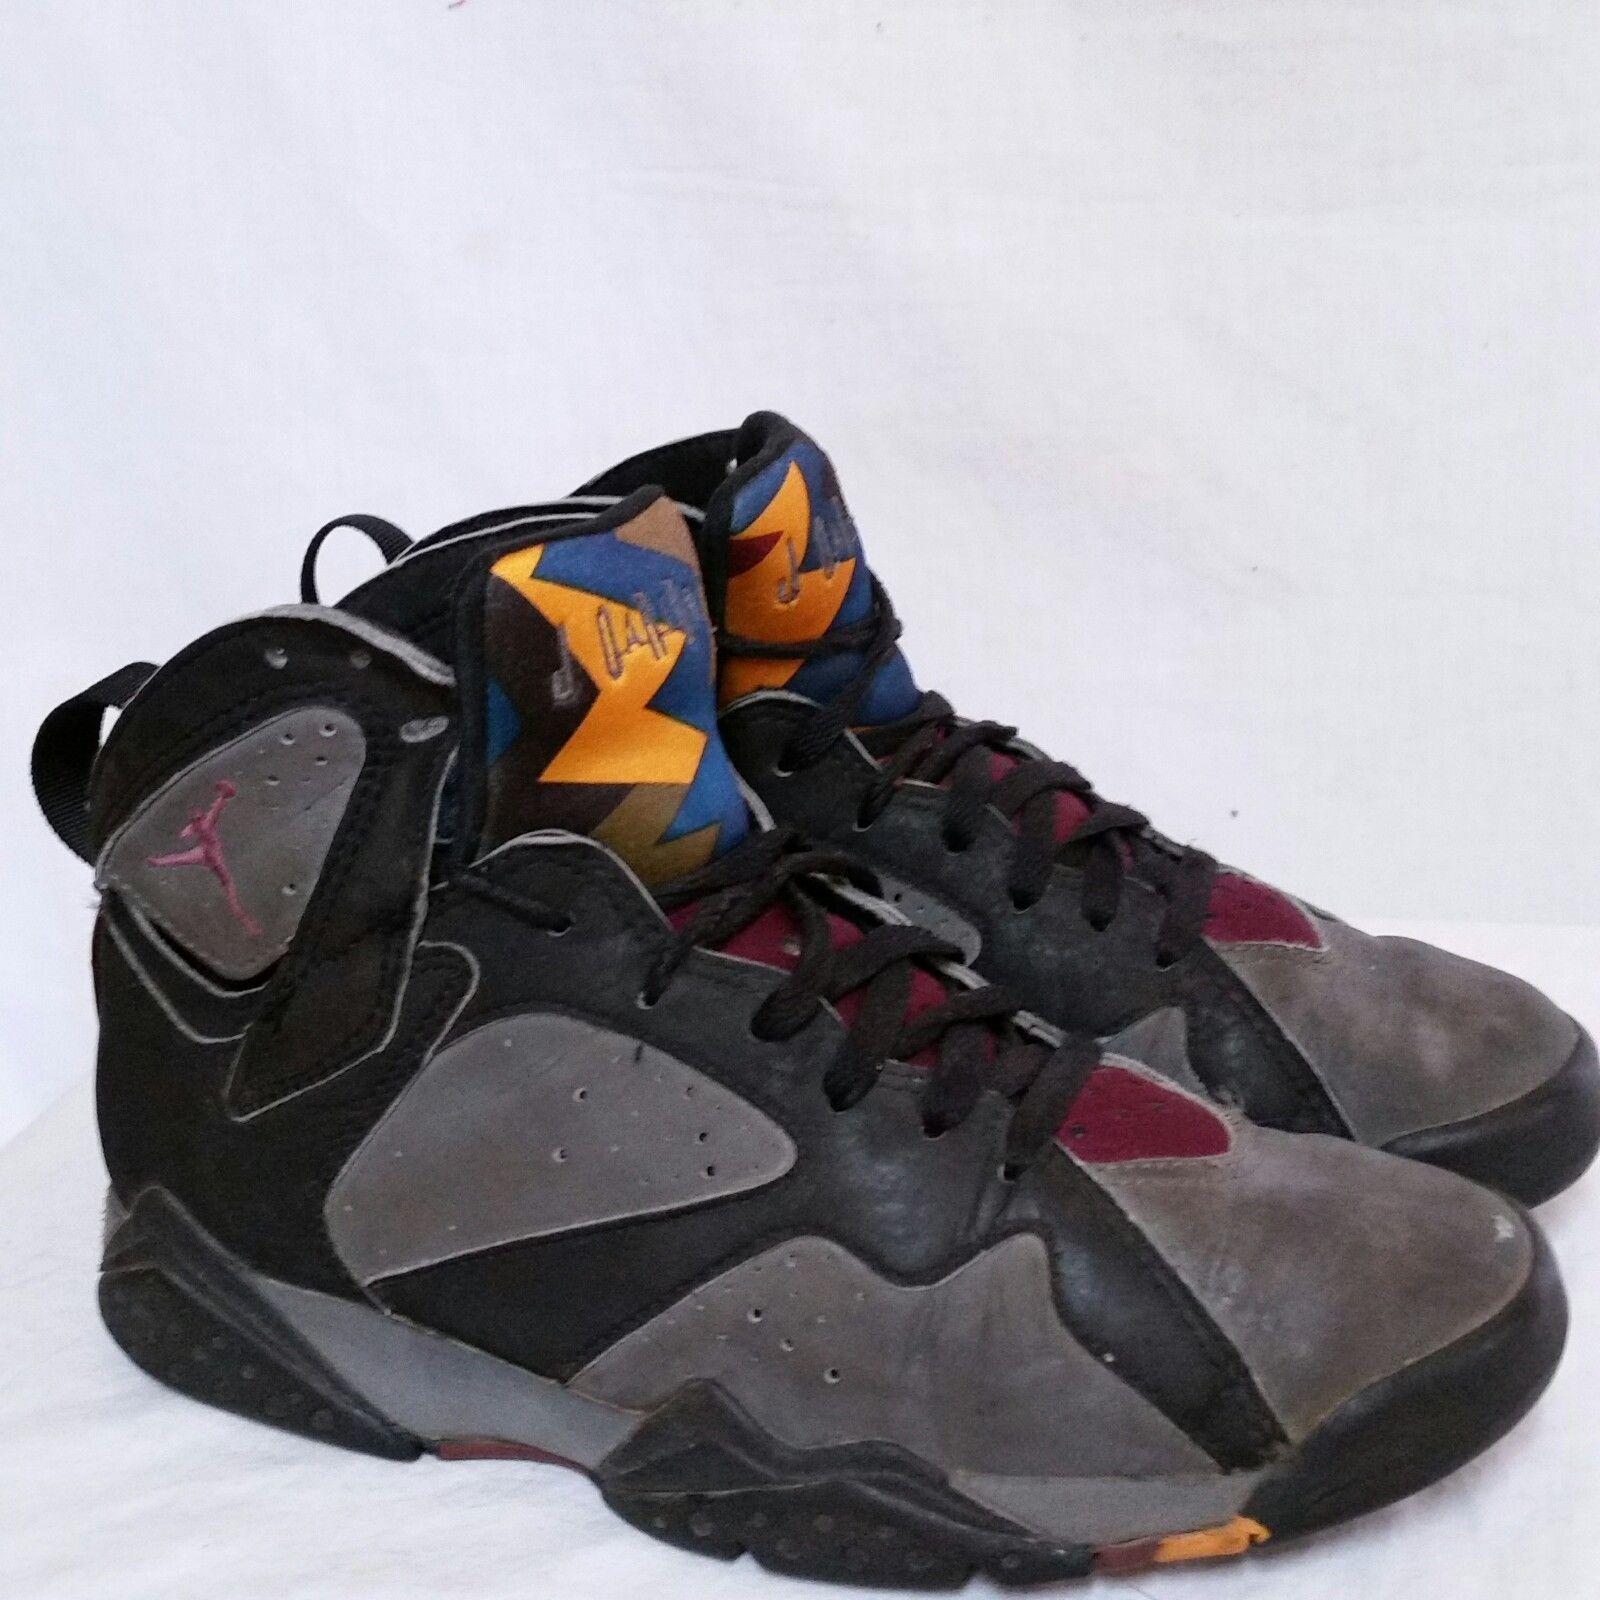 0beee807ffe4 VTG 1992 Nike Air Jordan Bordeaux 7 vii OG and 50 similar items. S l1600